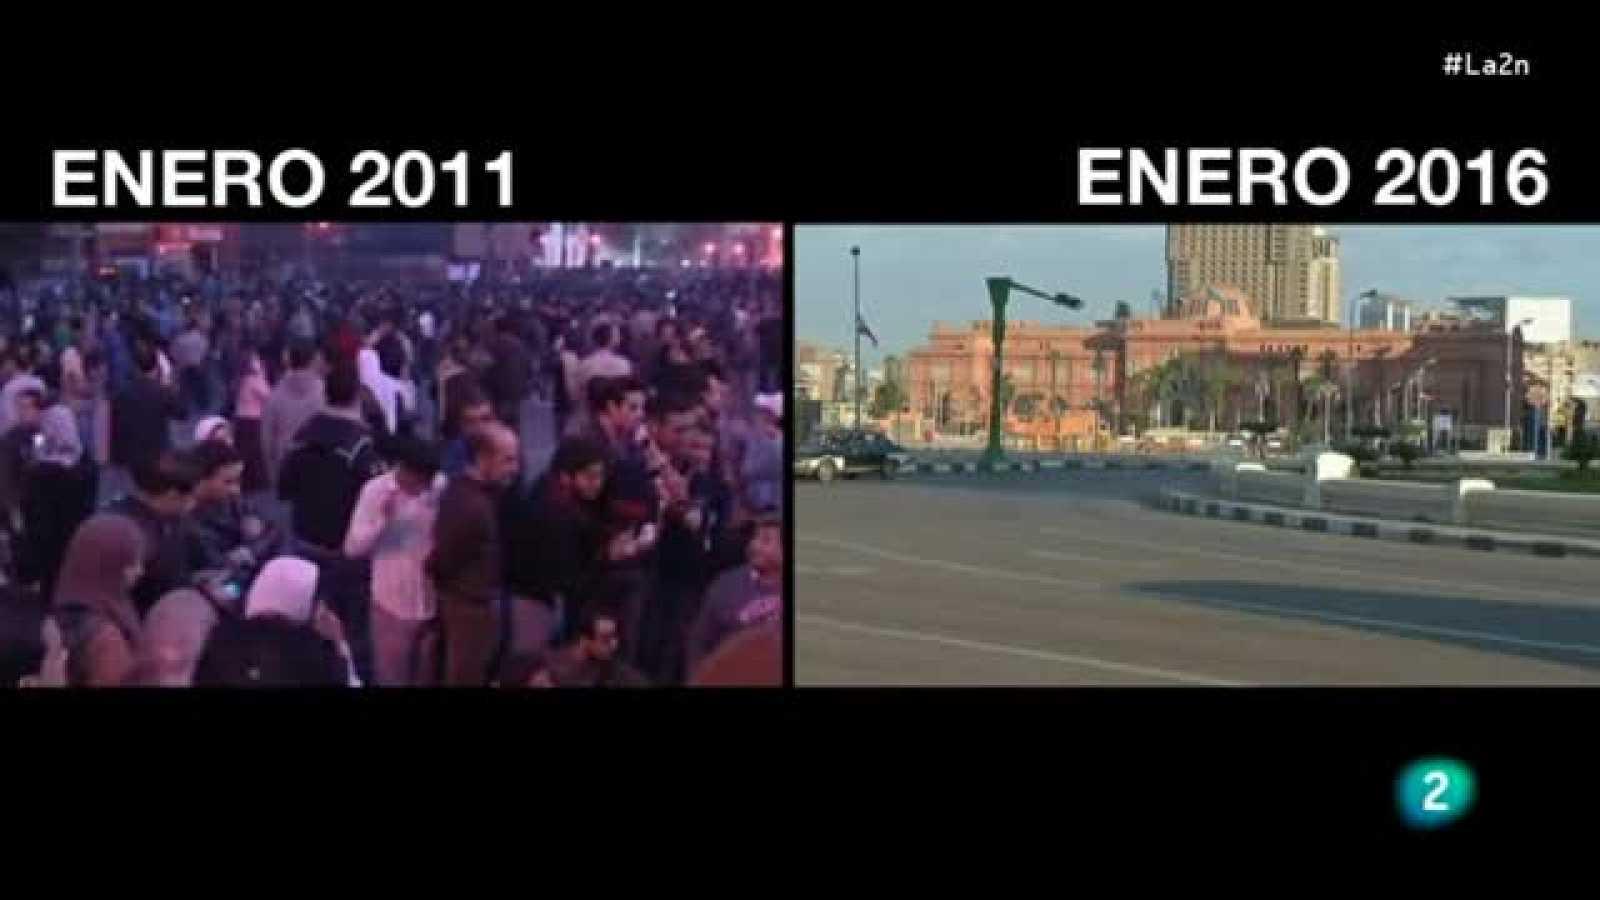 La 2 Noticias - Los sueños rotos de Tahrir